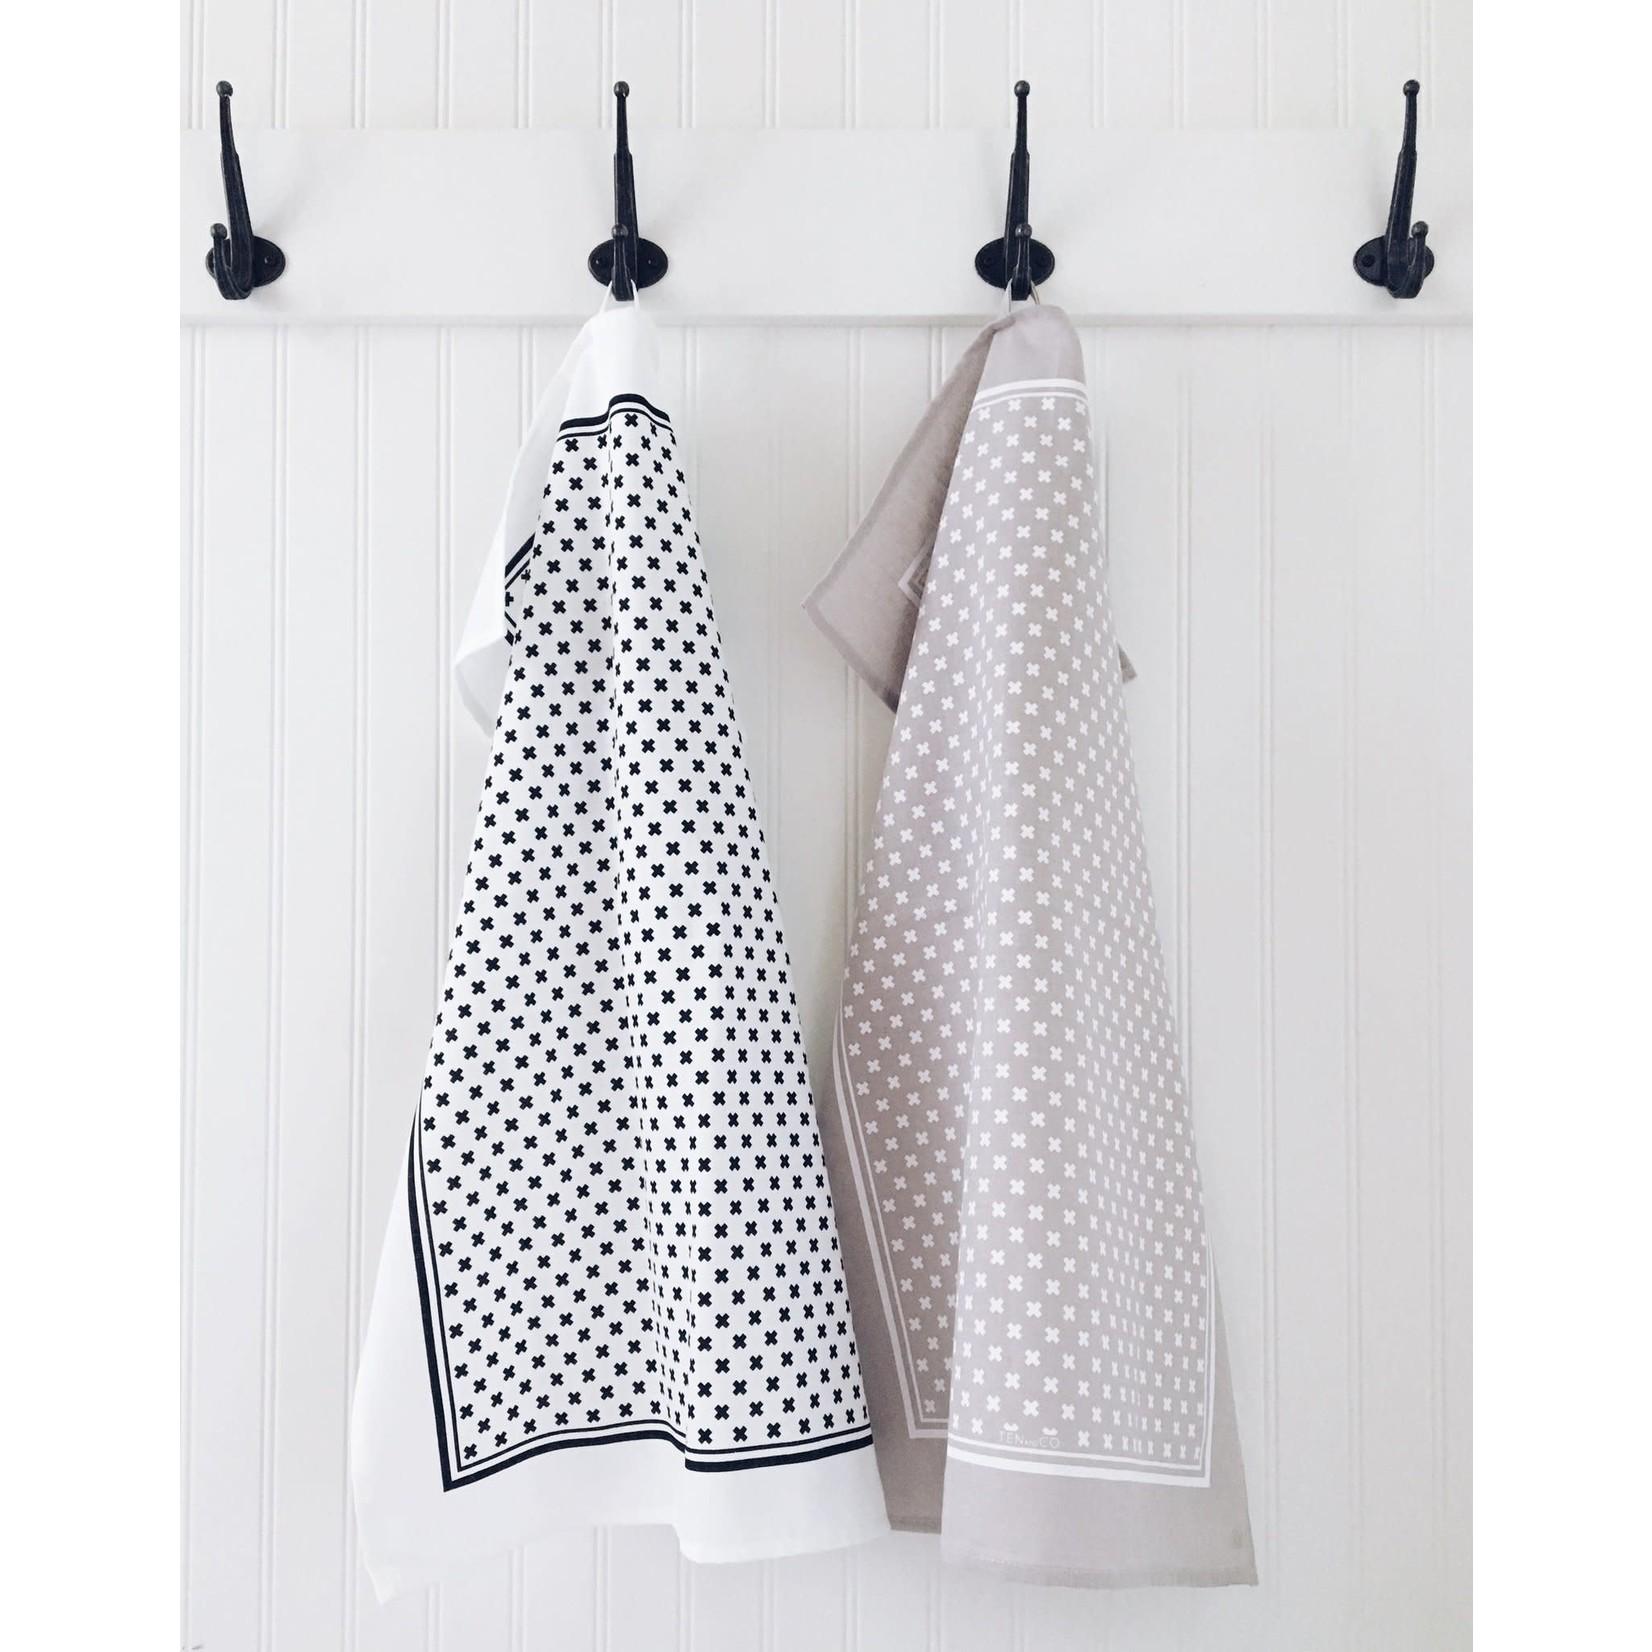 TEN AND CO. TEA TOWEL - TINY X WHITE ON GREY